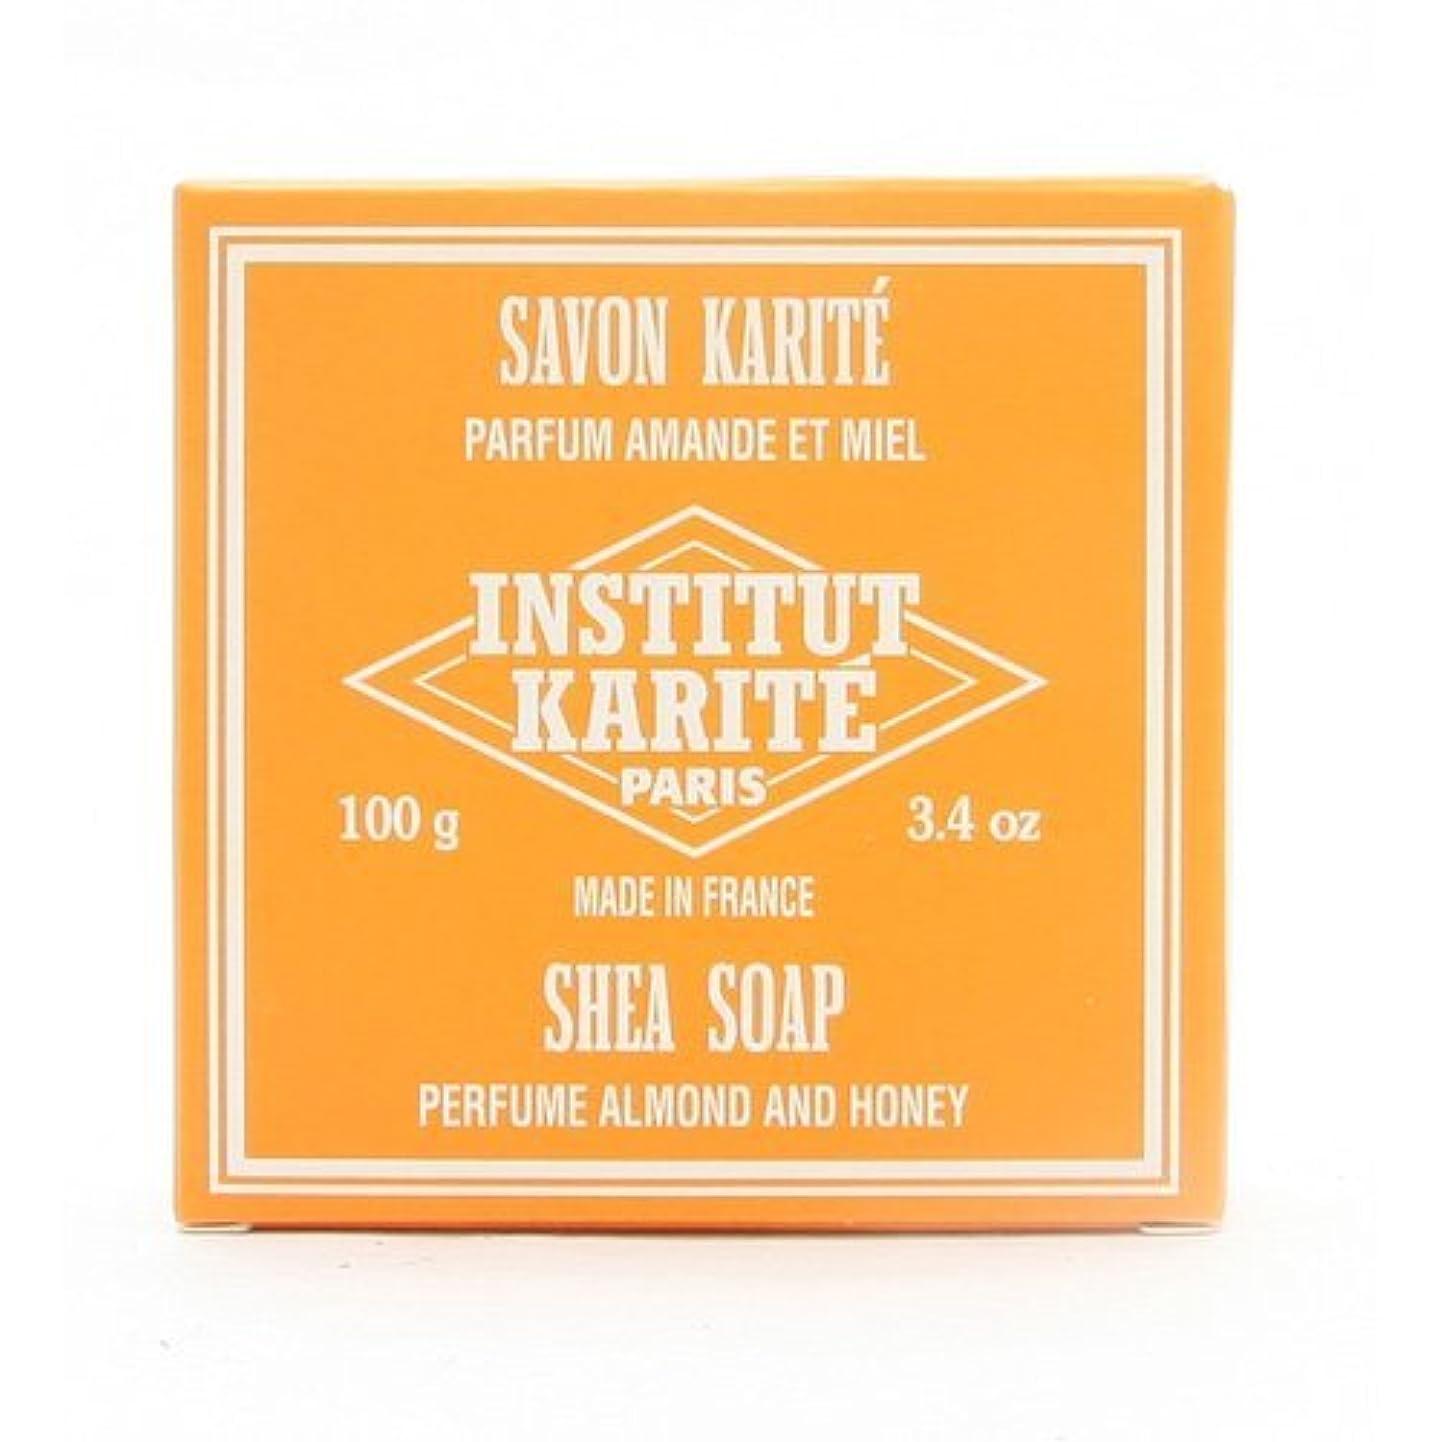 速報親温度INSTITUT KARITE インスティテュート カリテ 25% Extra Gentle Soap ジェントルソープ 100g Almond Honey アーモンドハニー